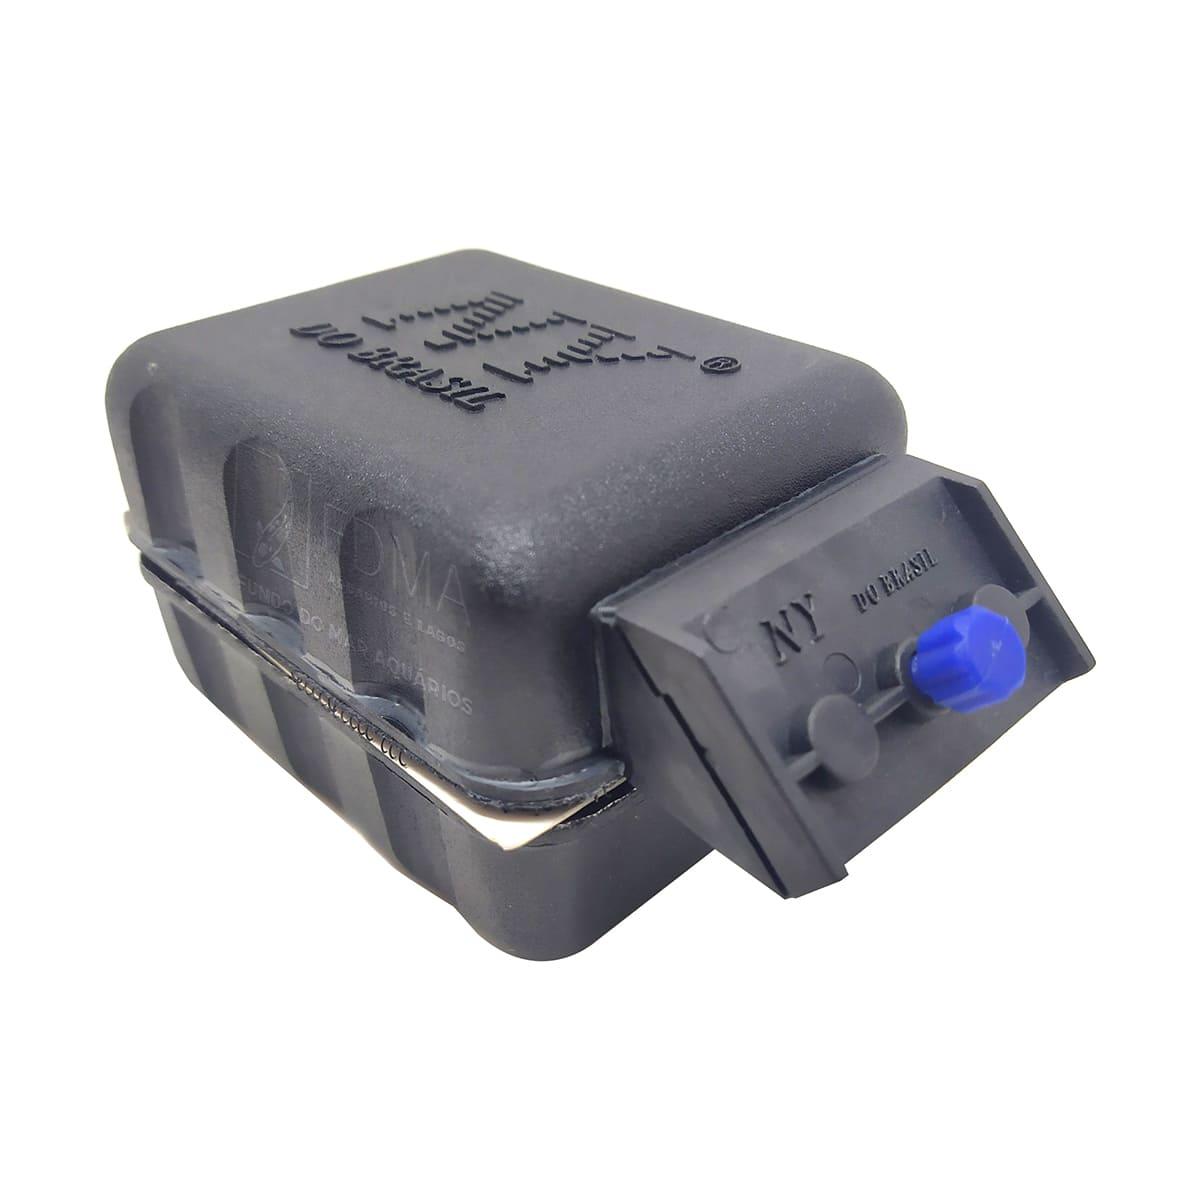 Limpador Magnético Com Raspador Vidro Até 16mm Ny Do Brasil